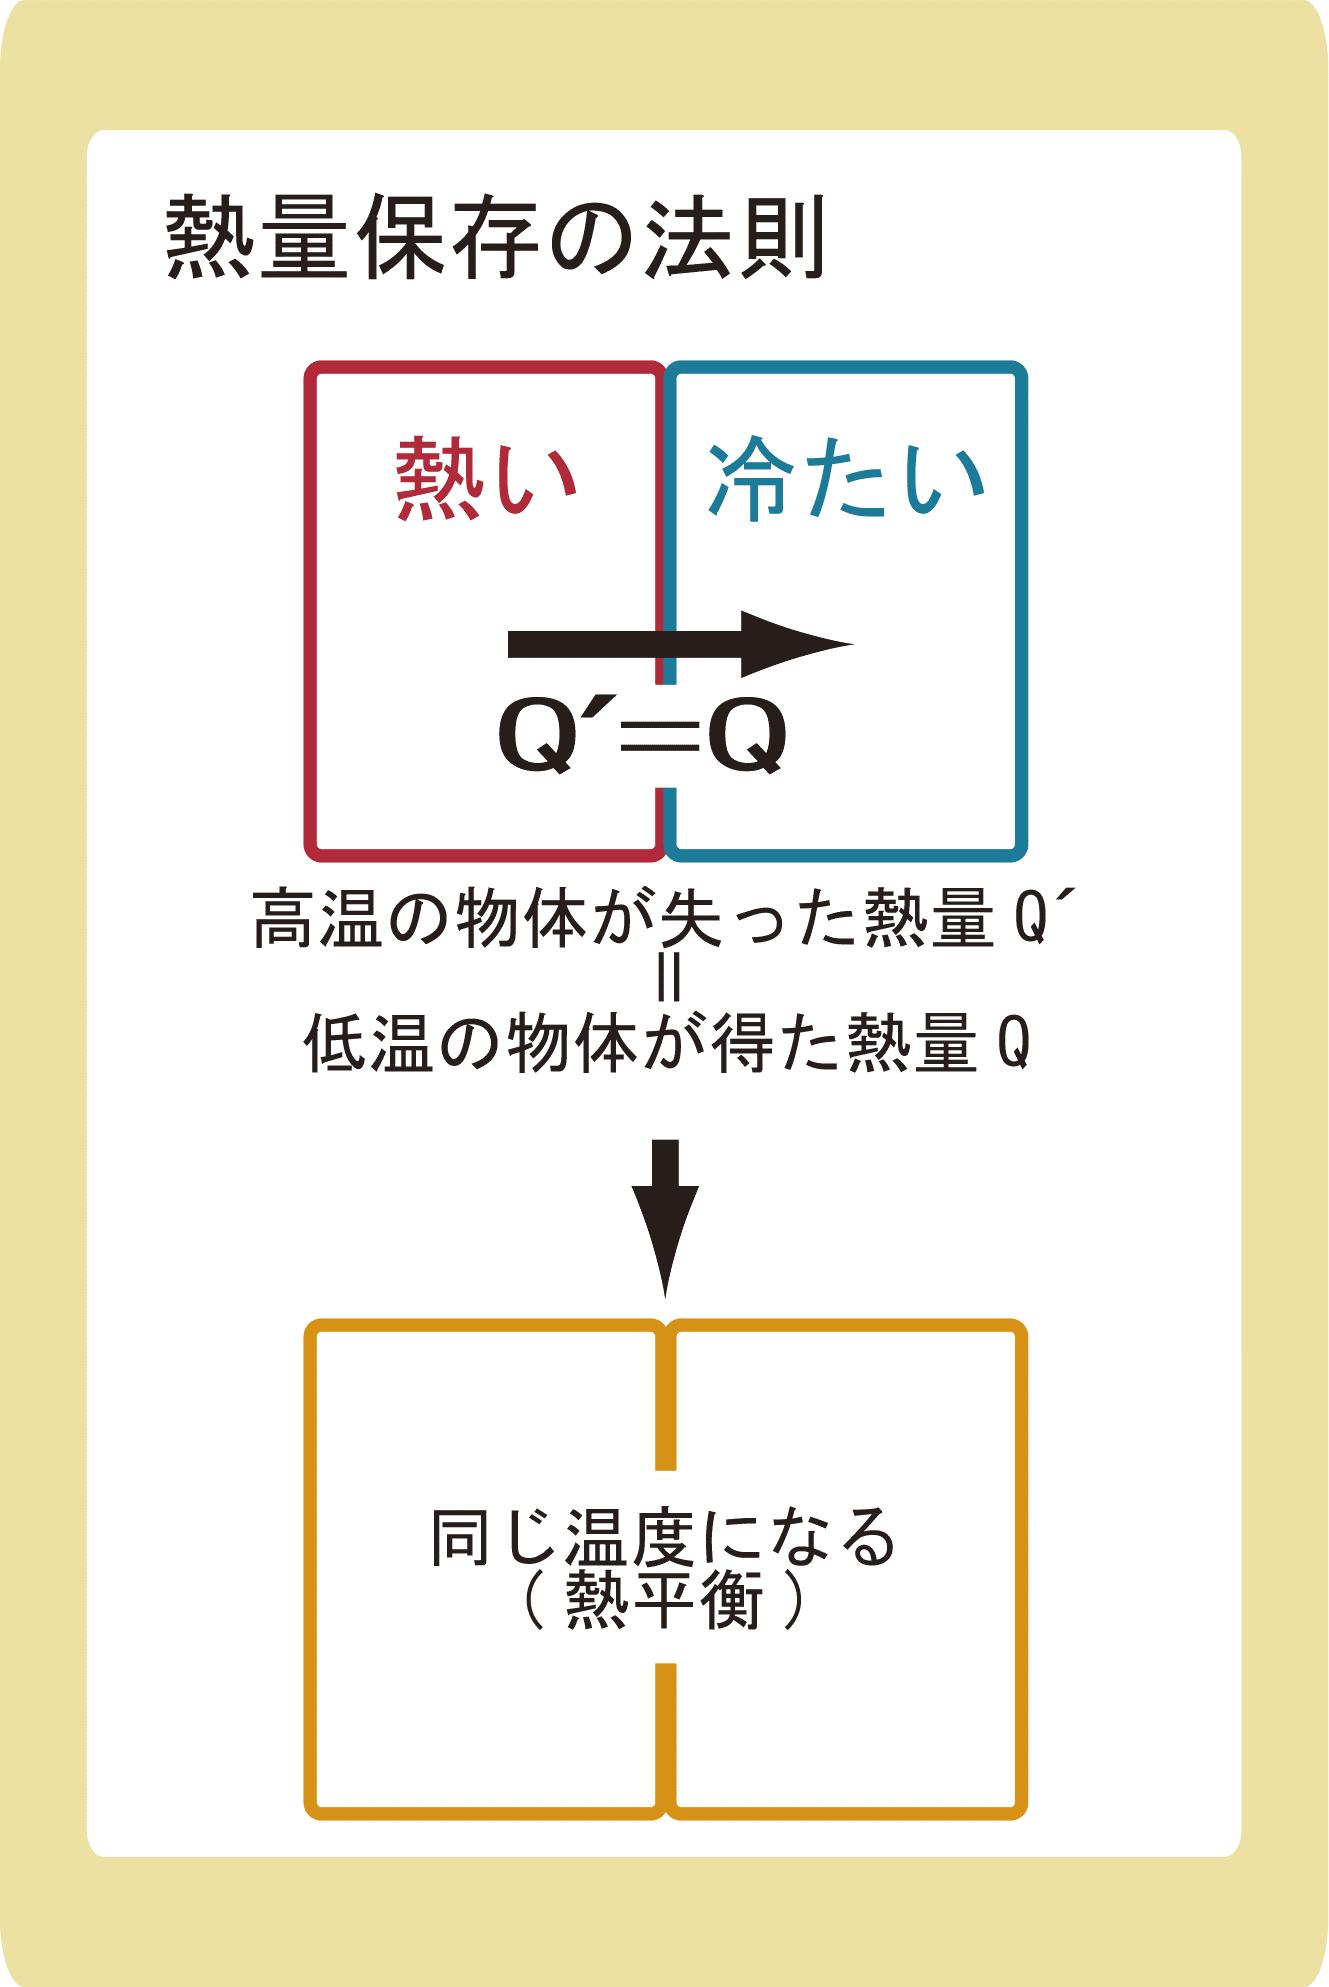 熱量保存の法則とは_わかりやすく簡単に解説